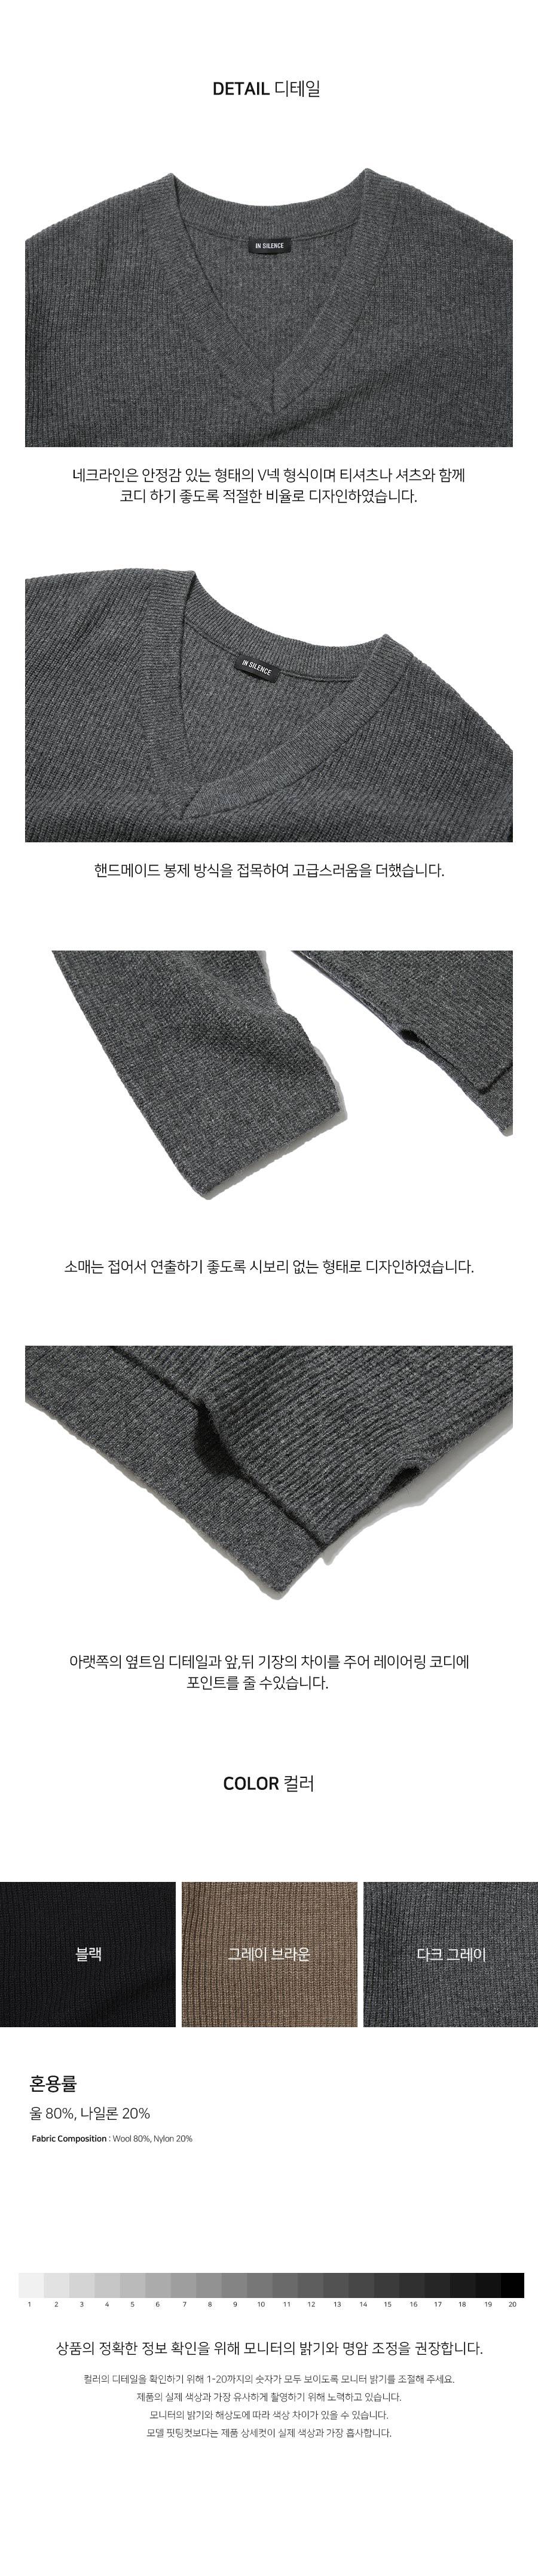 인사일런스(IN SILENCE) OVERSIZED WOOL V NECK KNIT (dark grey)